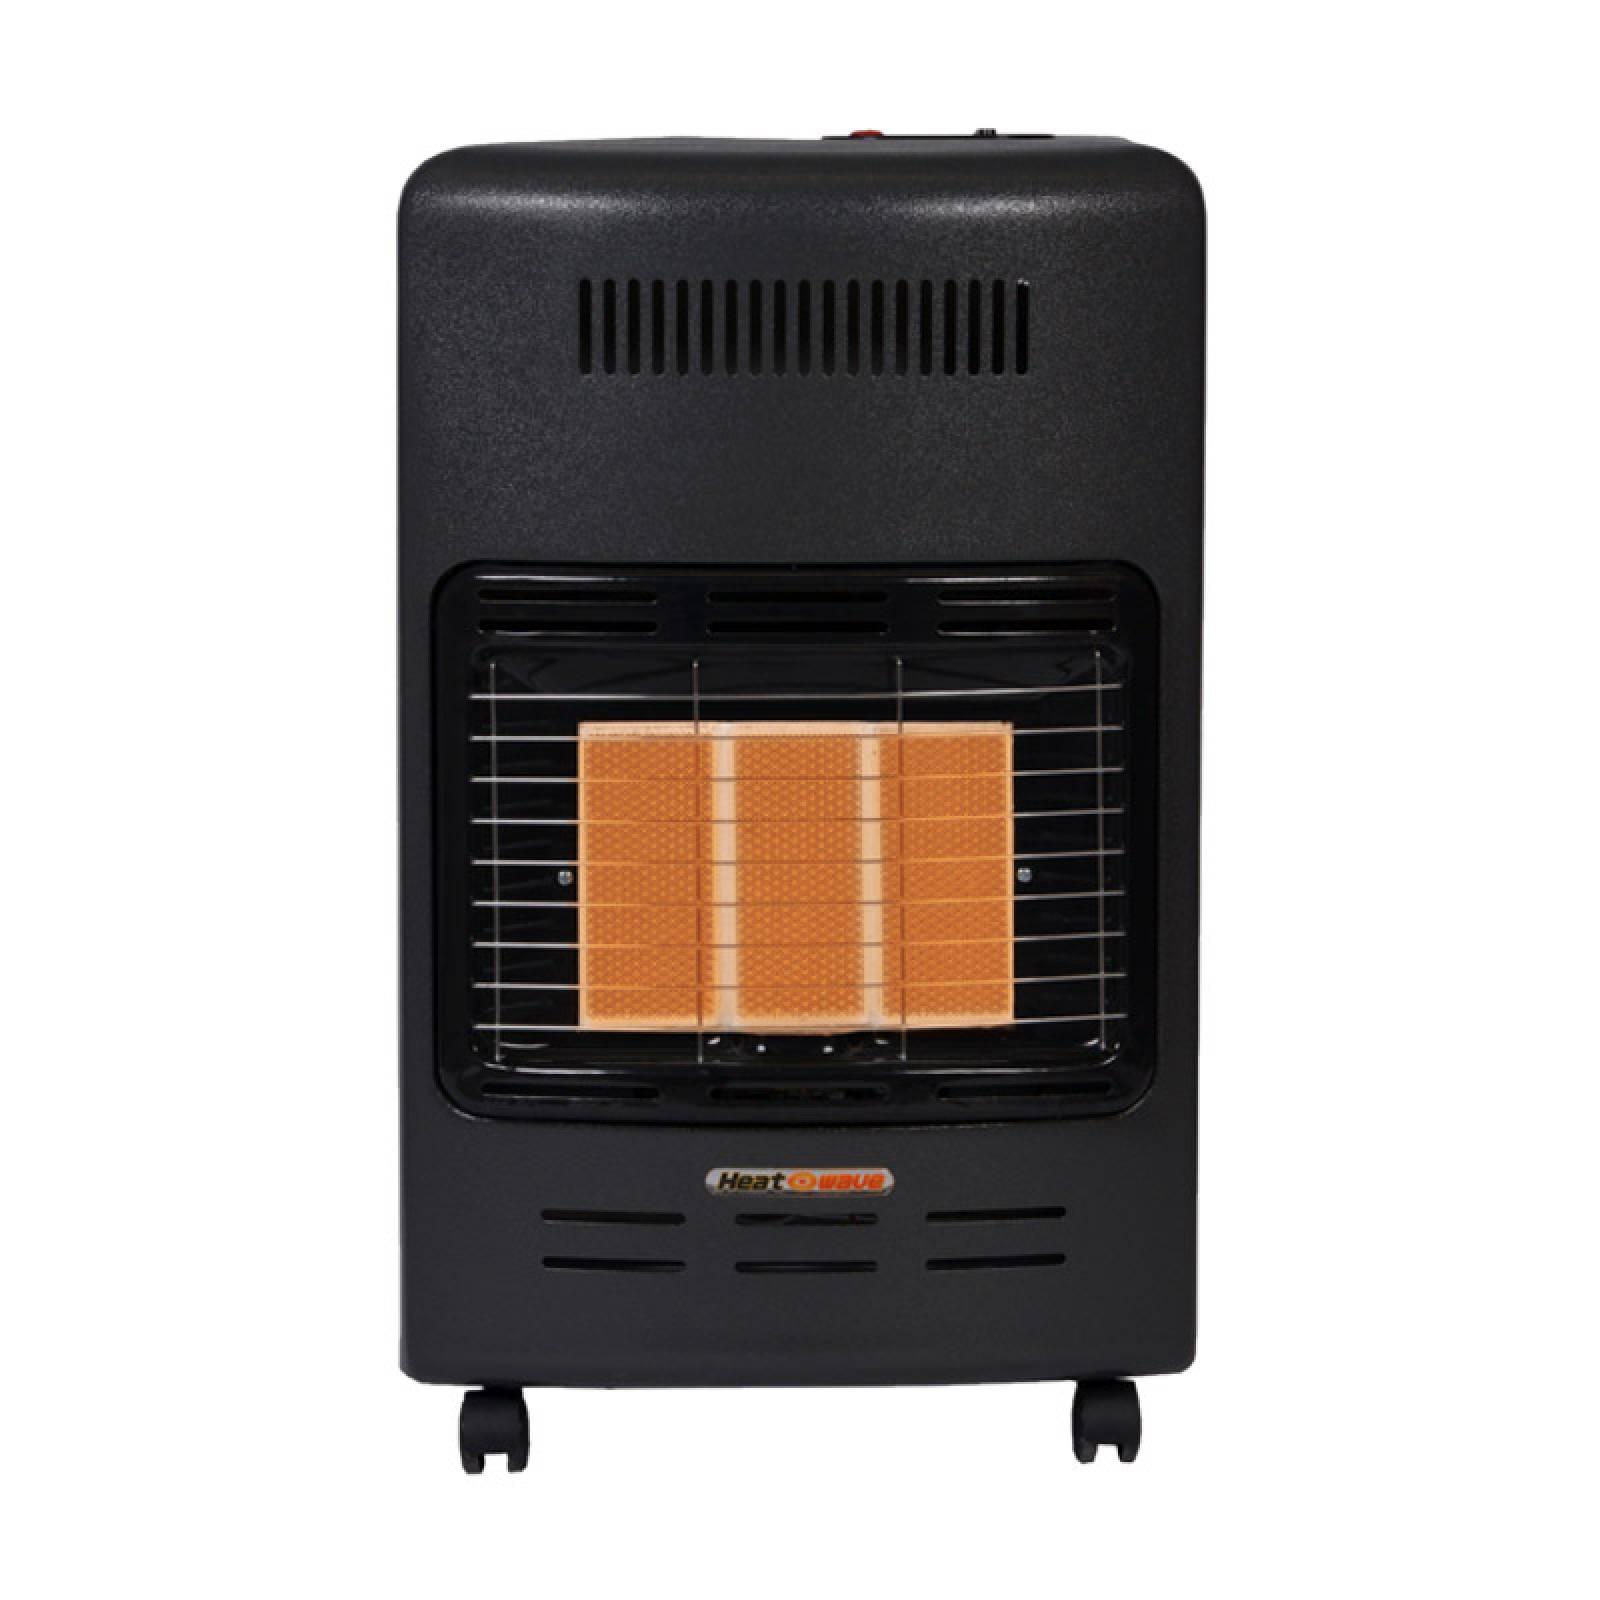 Calefactor Gas LP 3 Radiantes Gris Obscuro HG3M Heat Wave